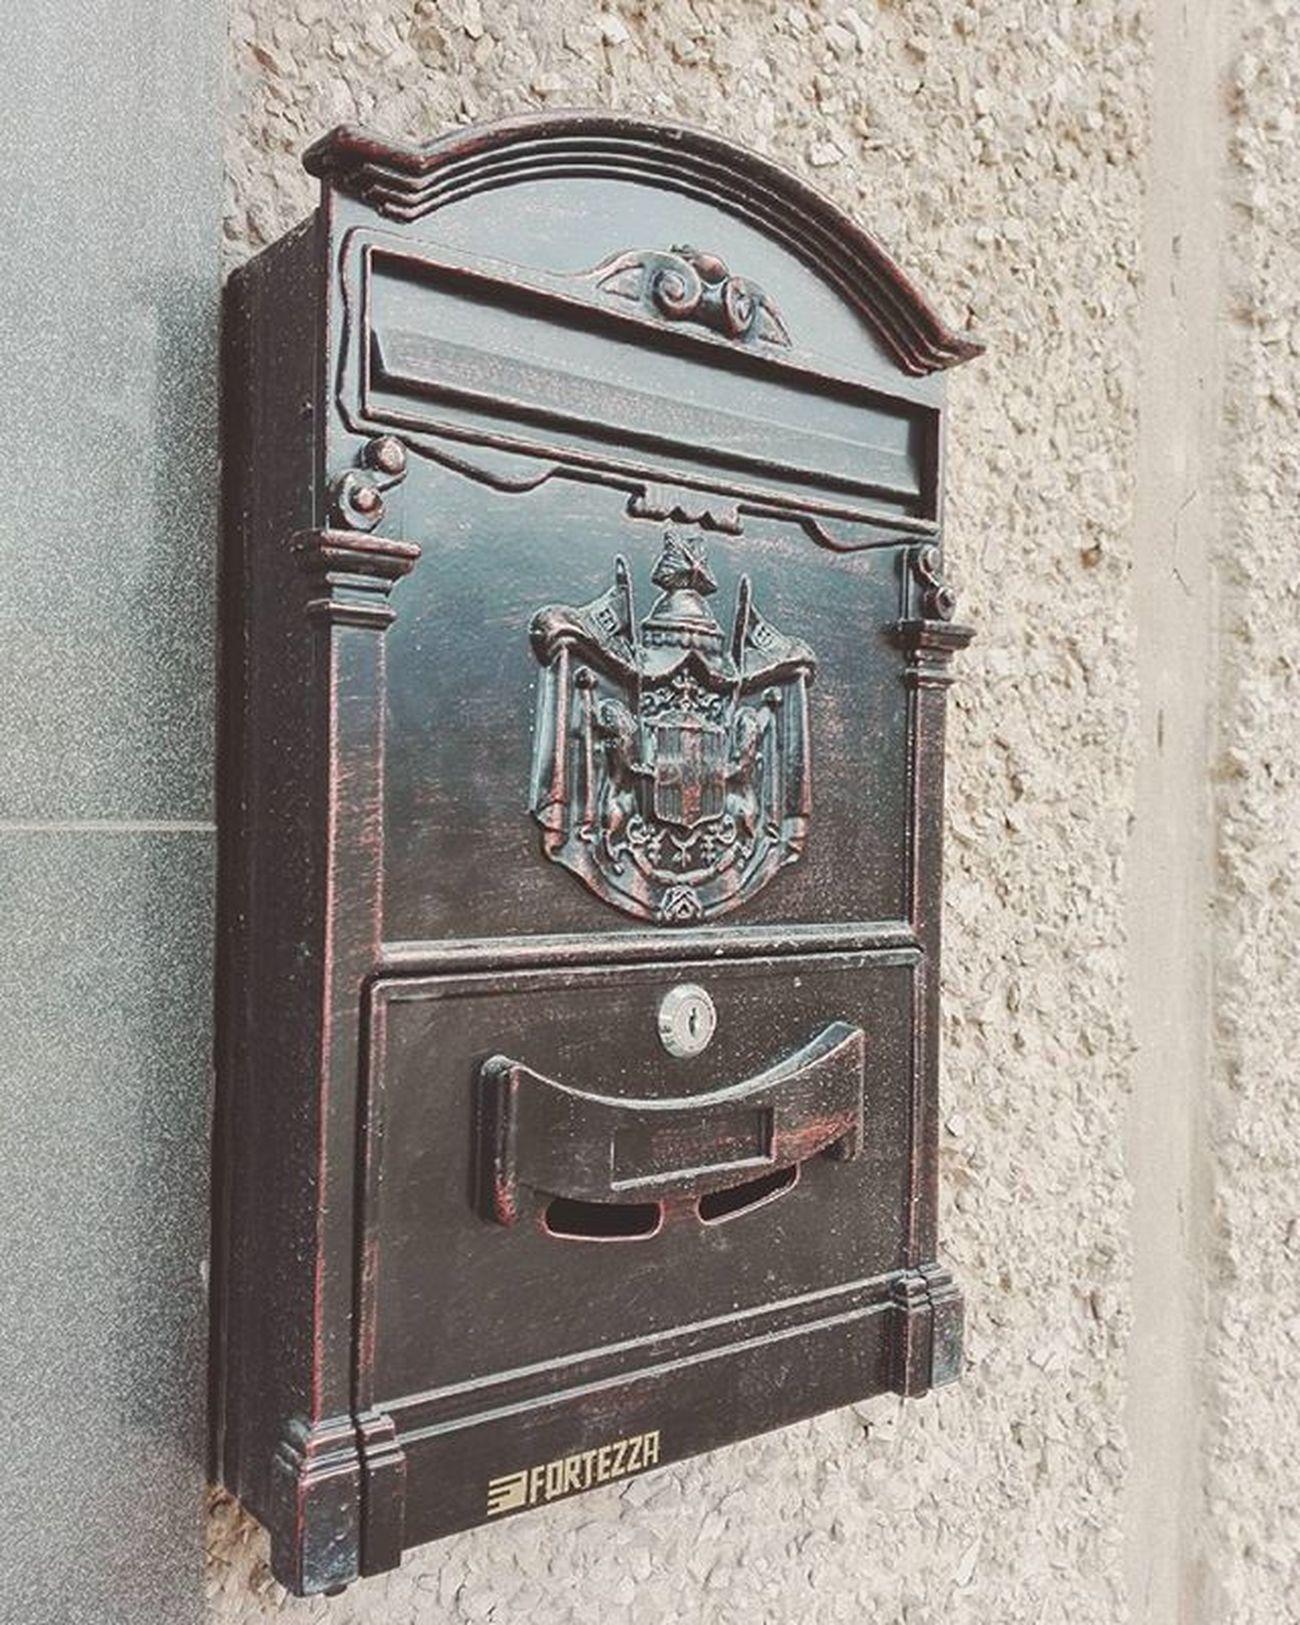 И шикарный ящик сбоку! посткроссинг почта письмо открытка Postcrossing Post Letters Postcard Leteroj